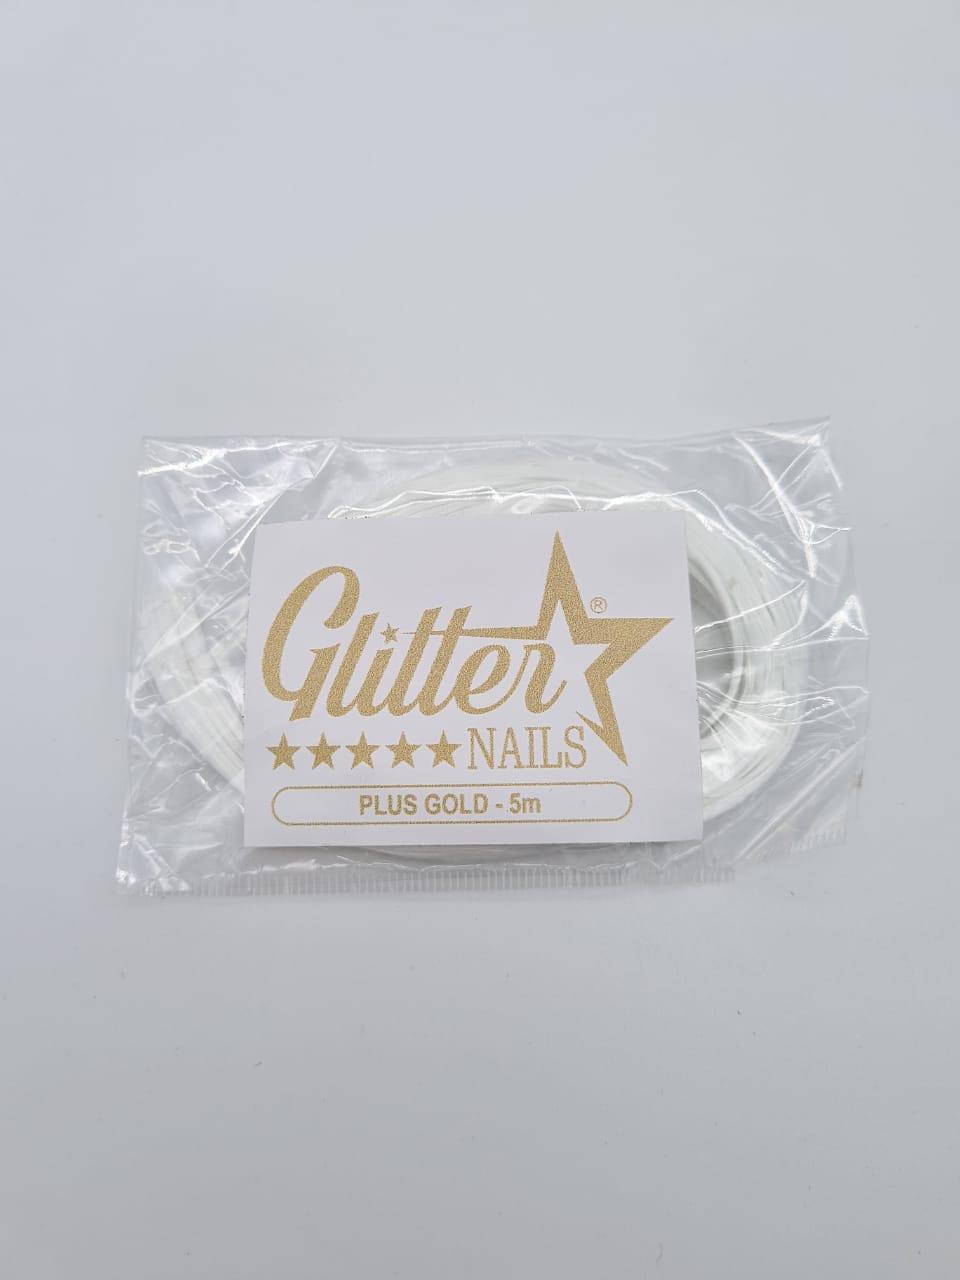 Fibra de Vidro 5m - Glitter Nails Plus Gold